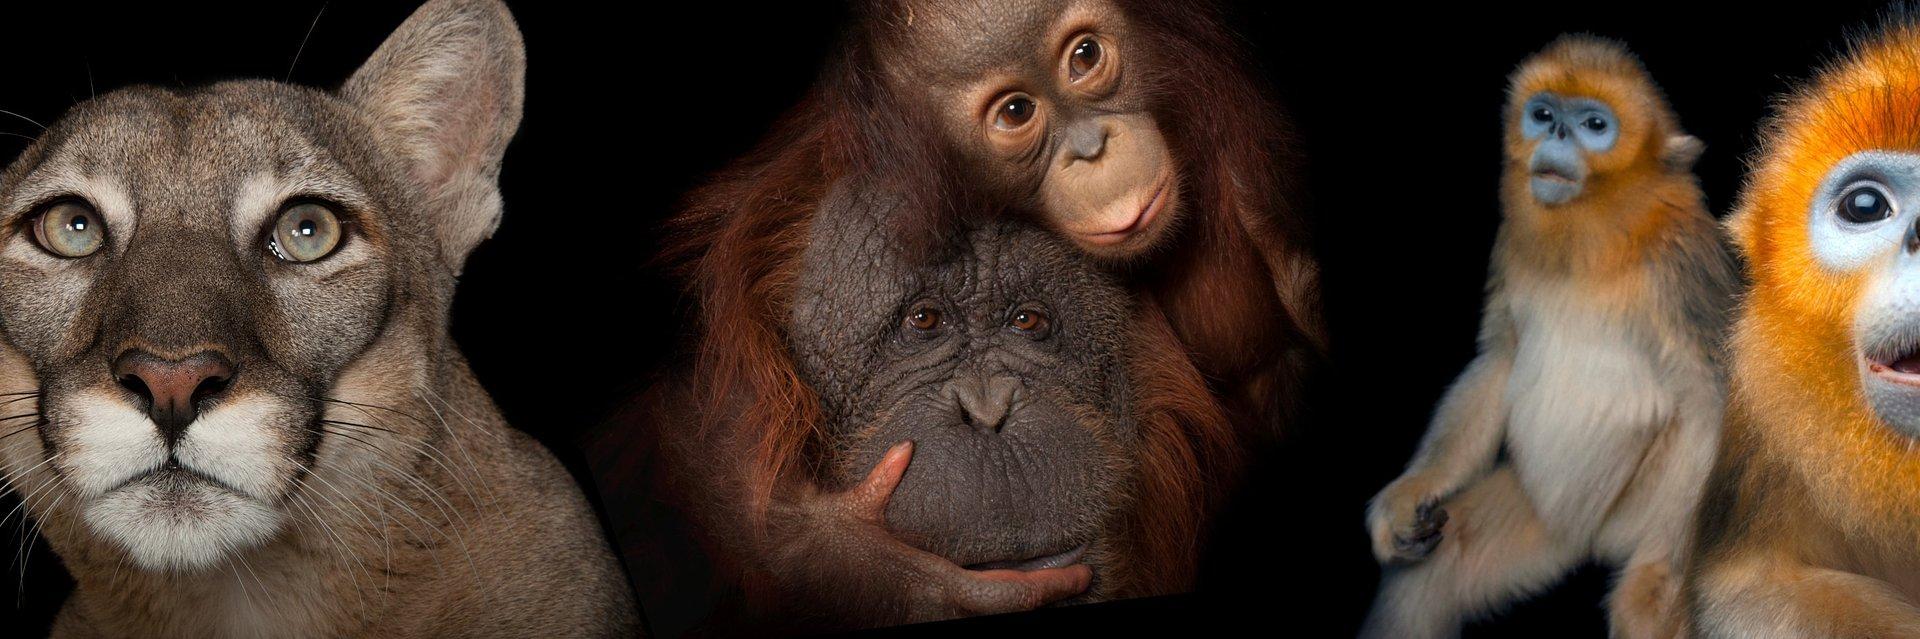 Photo Ark 2 - z miłości do zwierząt. Niezwykłe portrety zagrożonych gatunków.